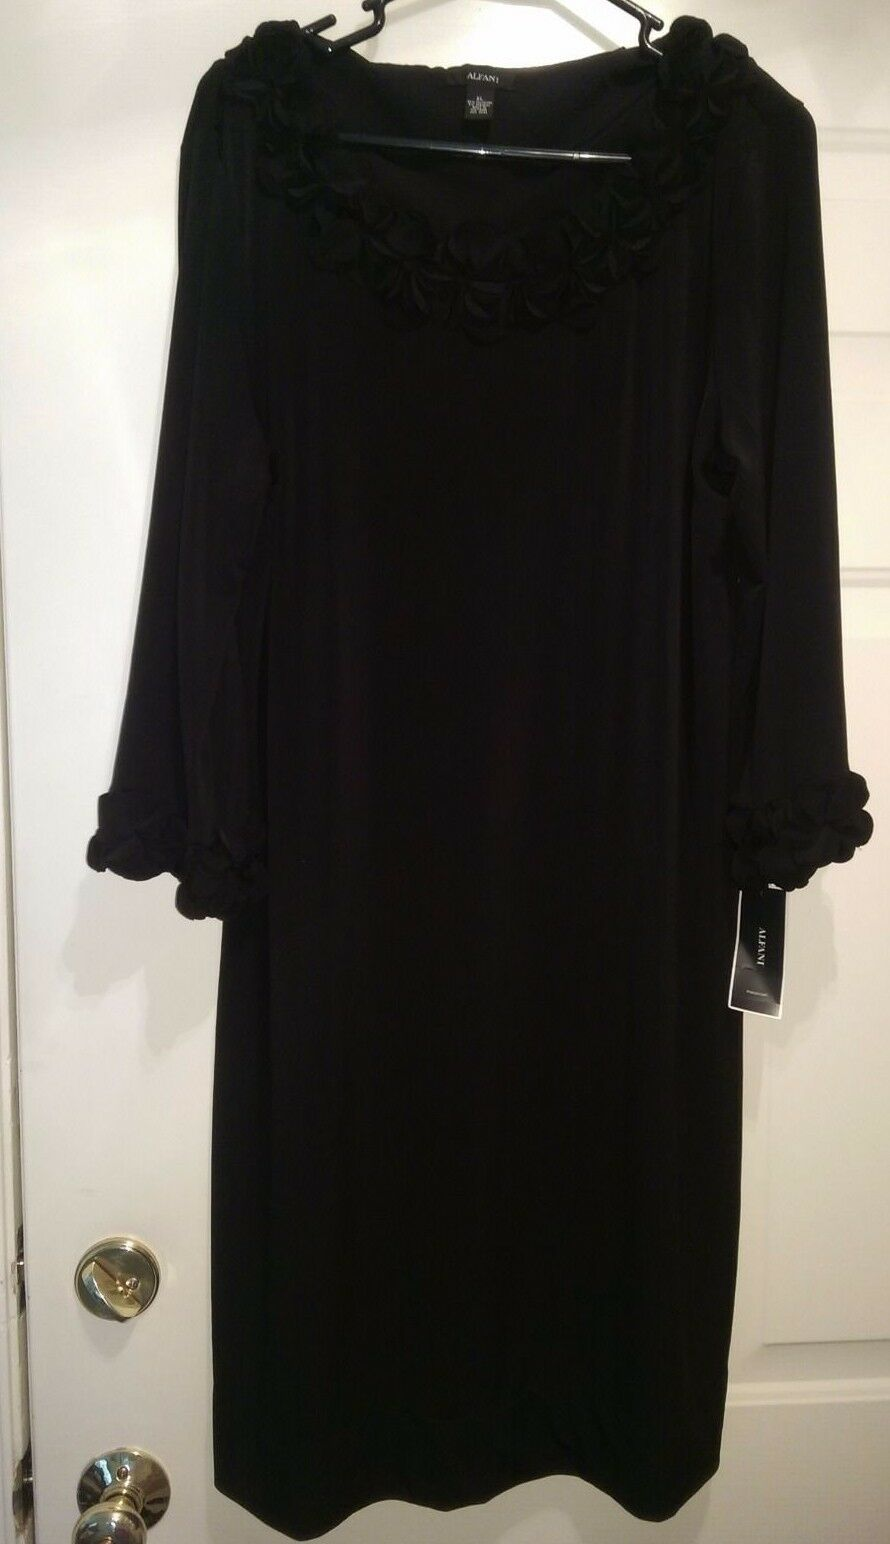 Alfani Größe XL Dress NWT schwarz With Ruffle on Neckline And Wrists